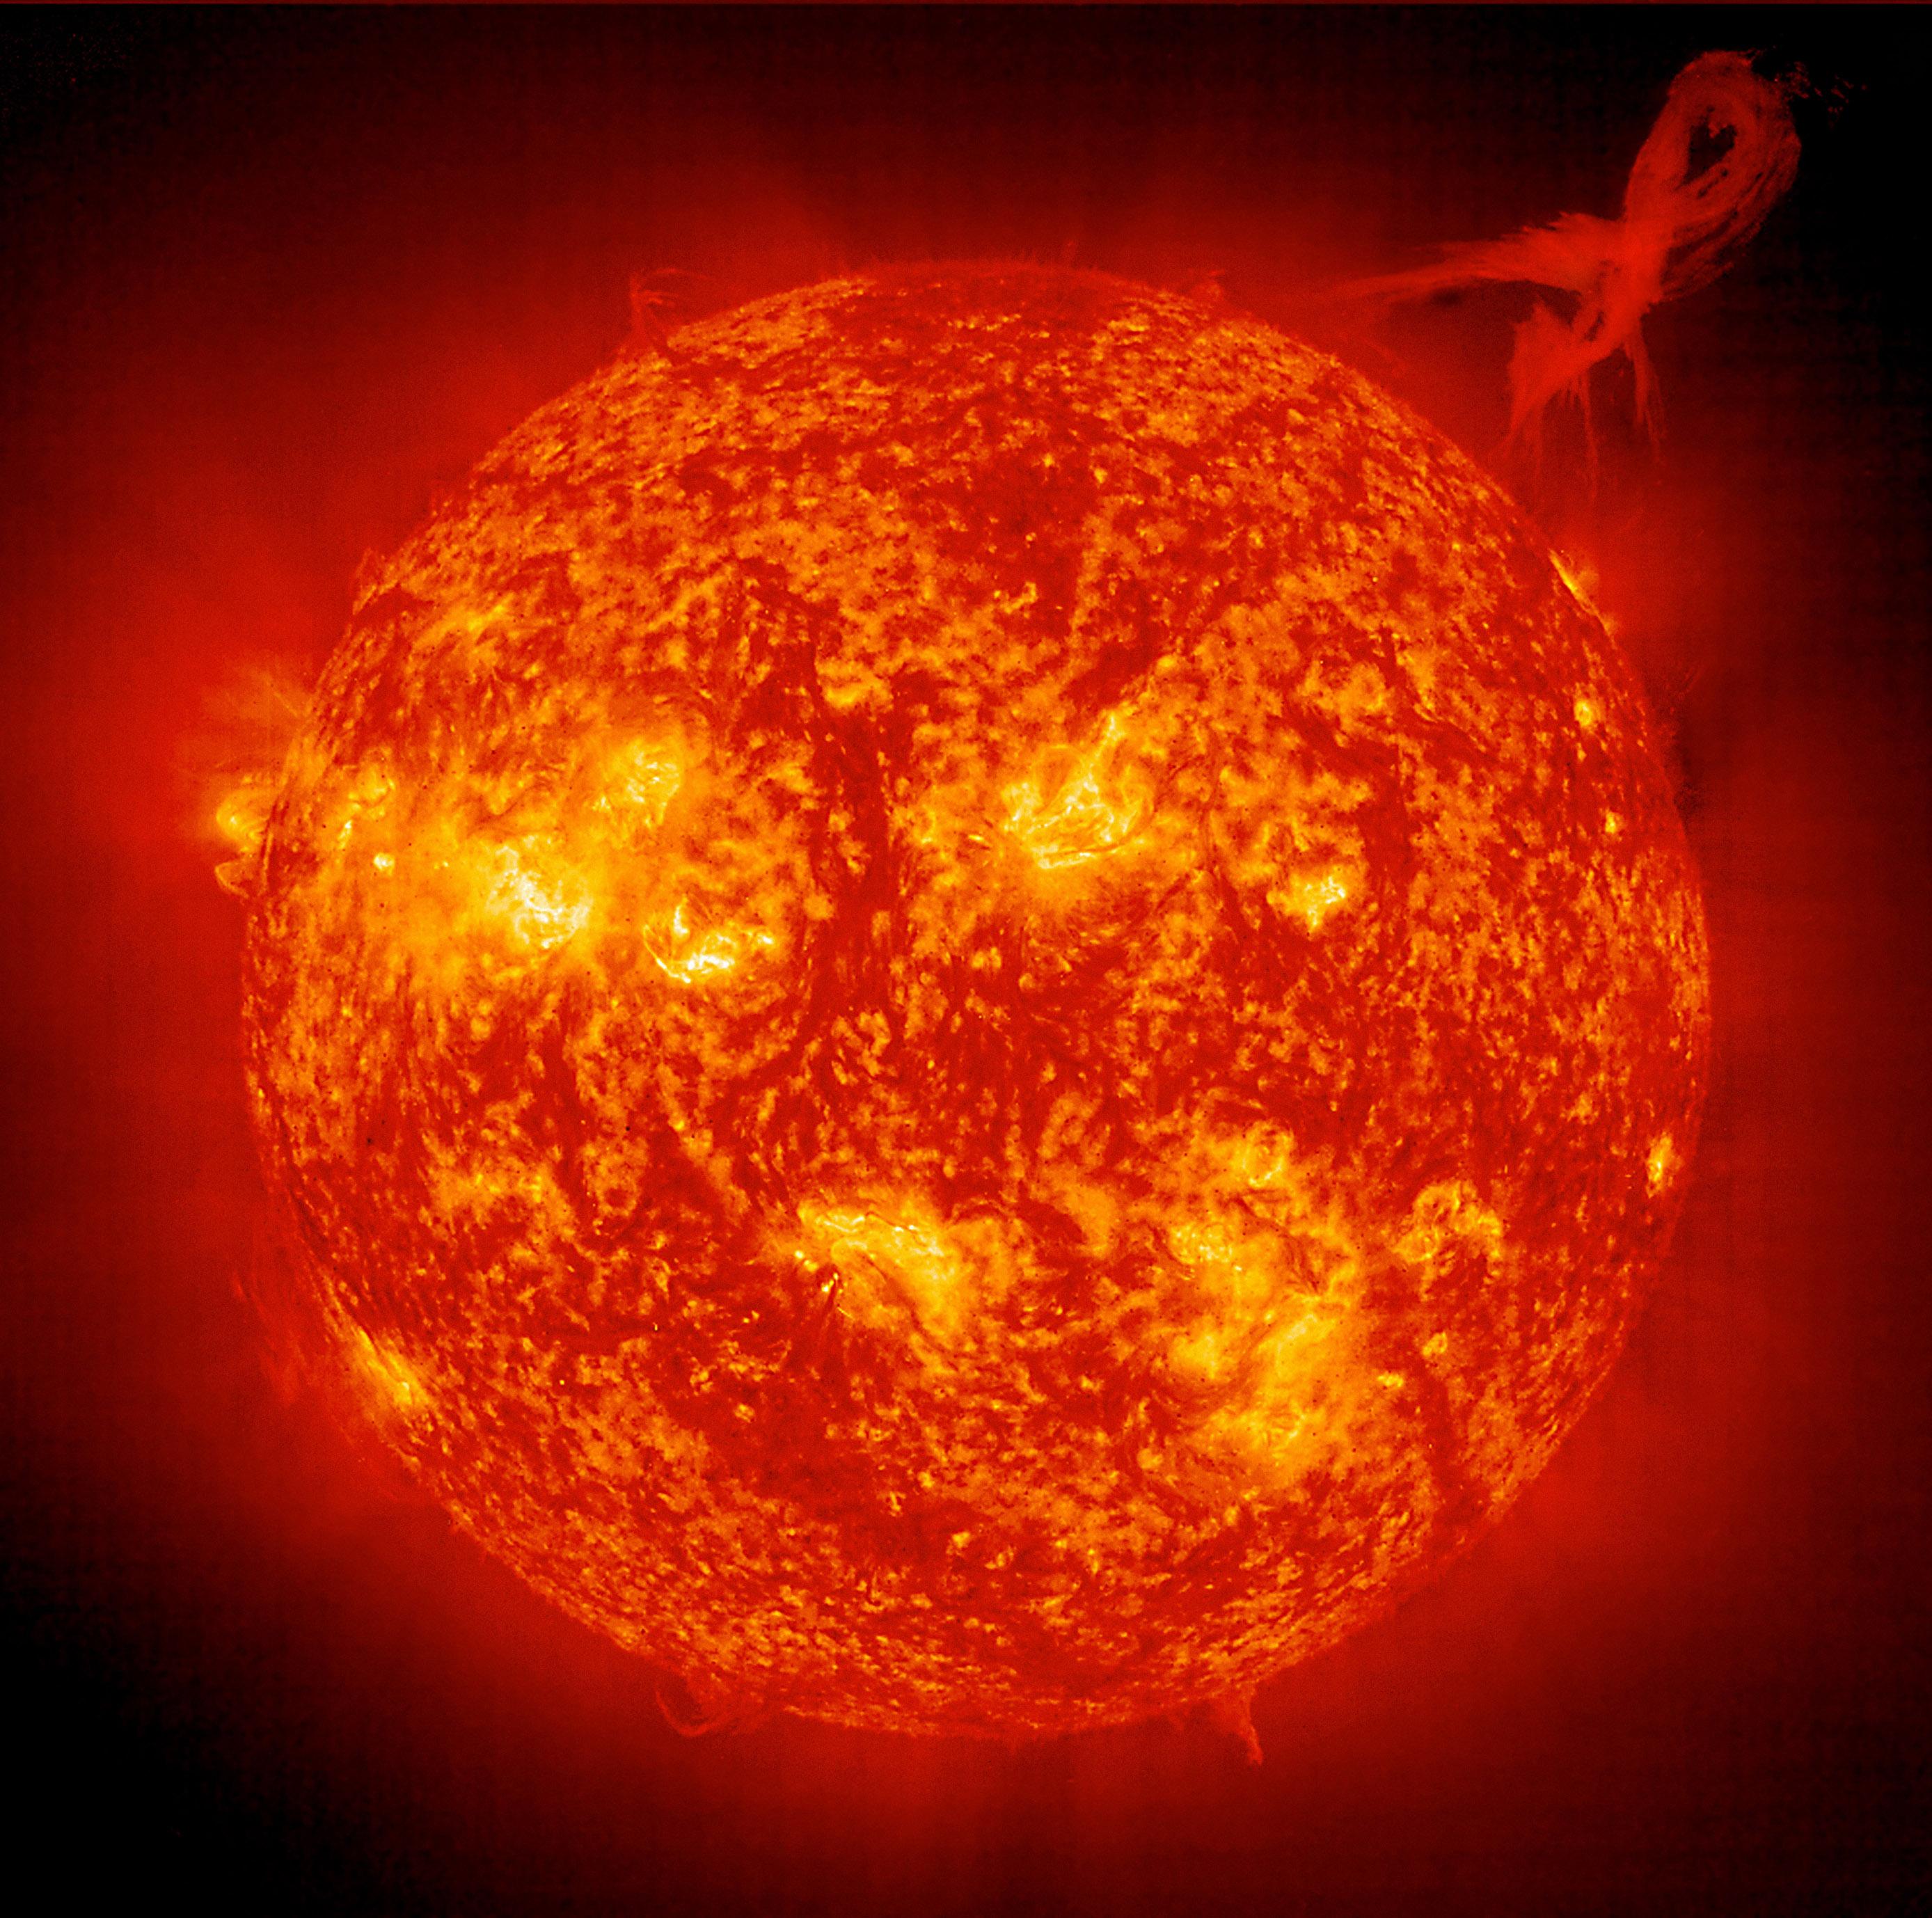 La distancia hasta el sol y el astrónomo con peor suerte de la historia